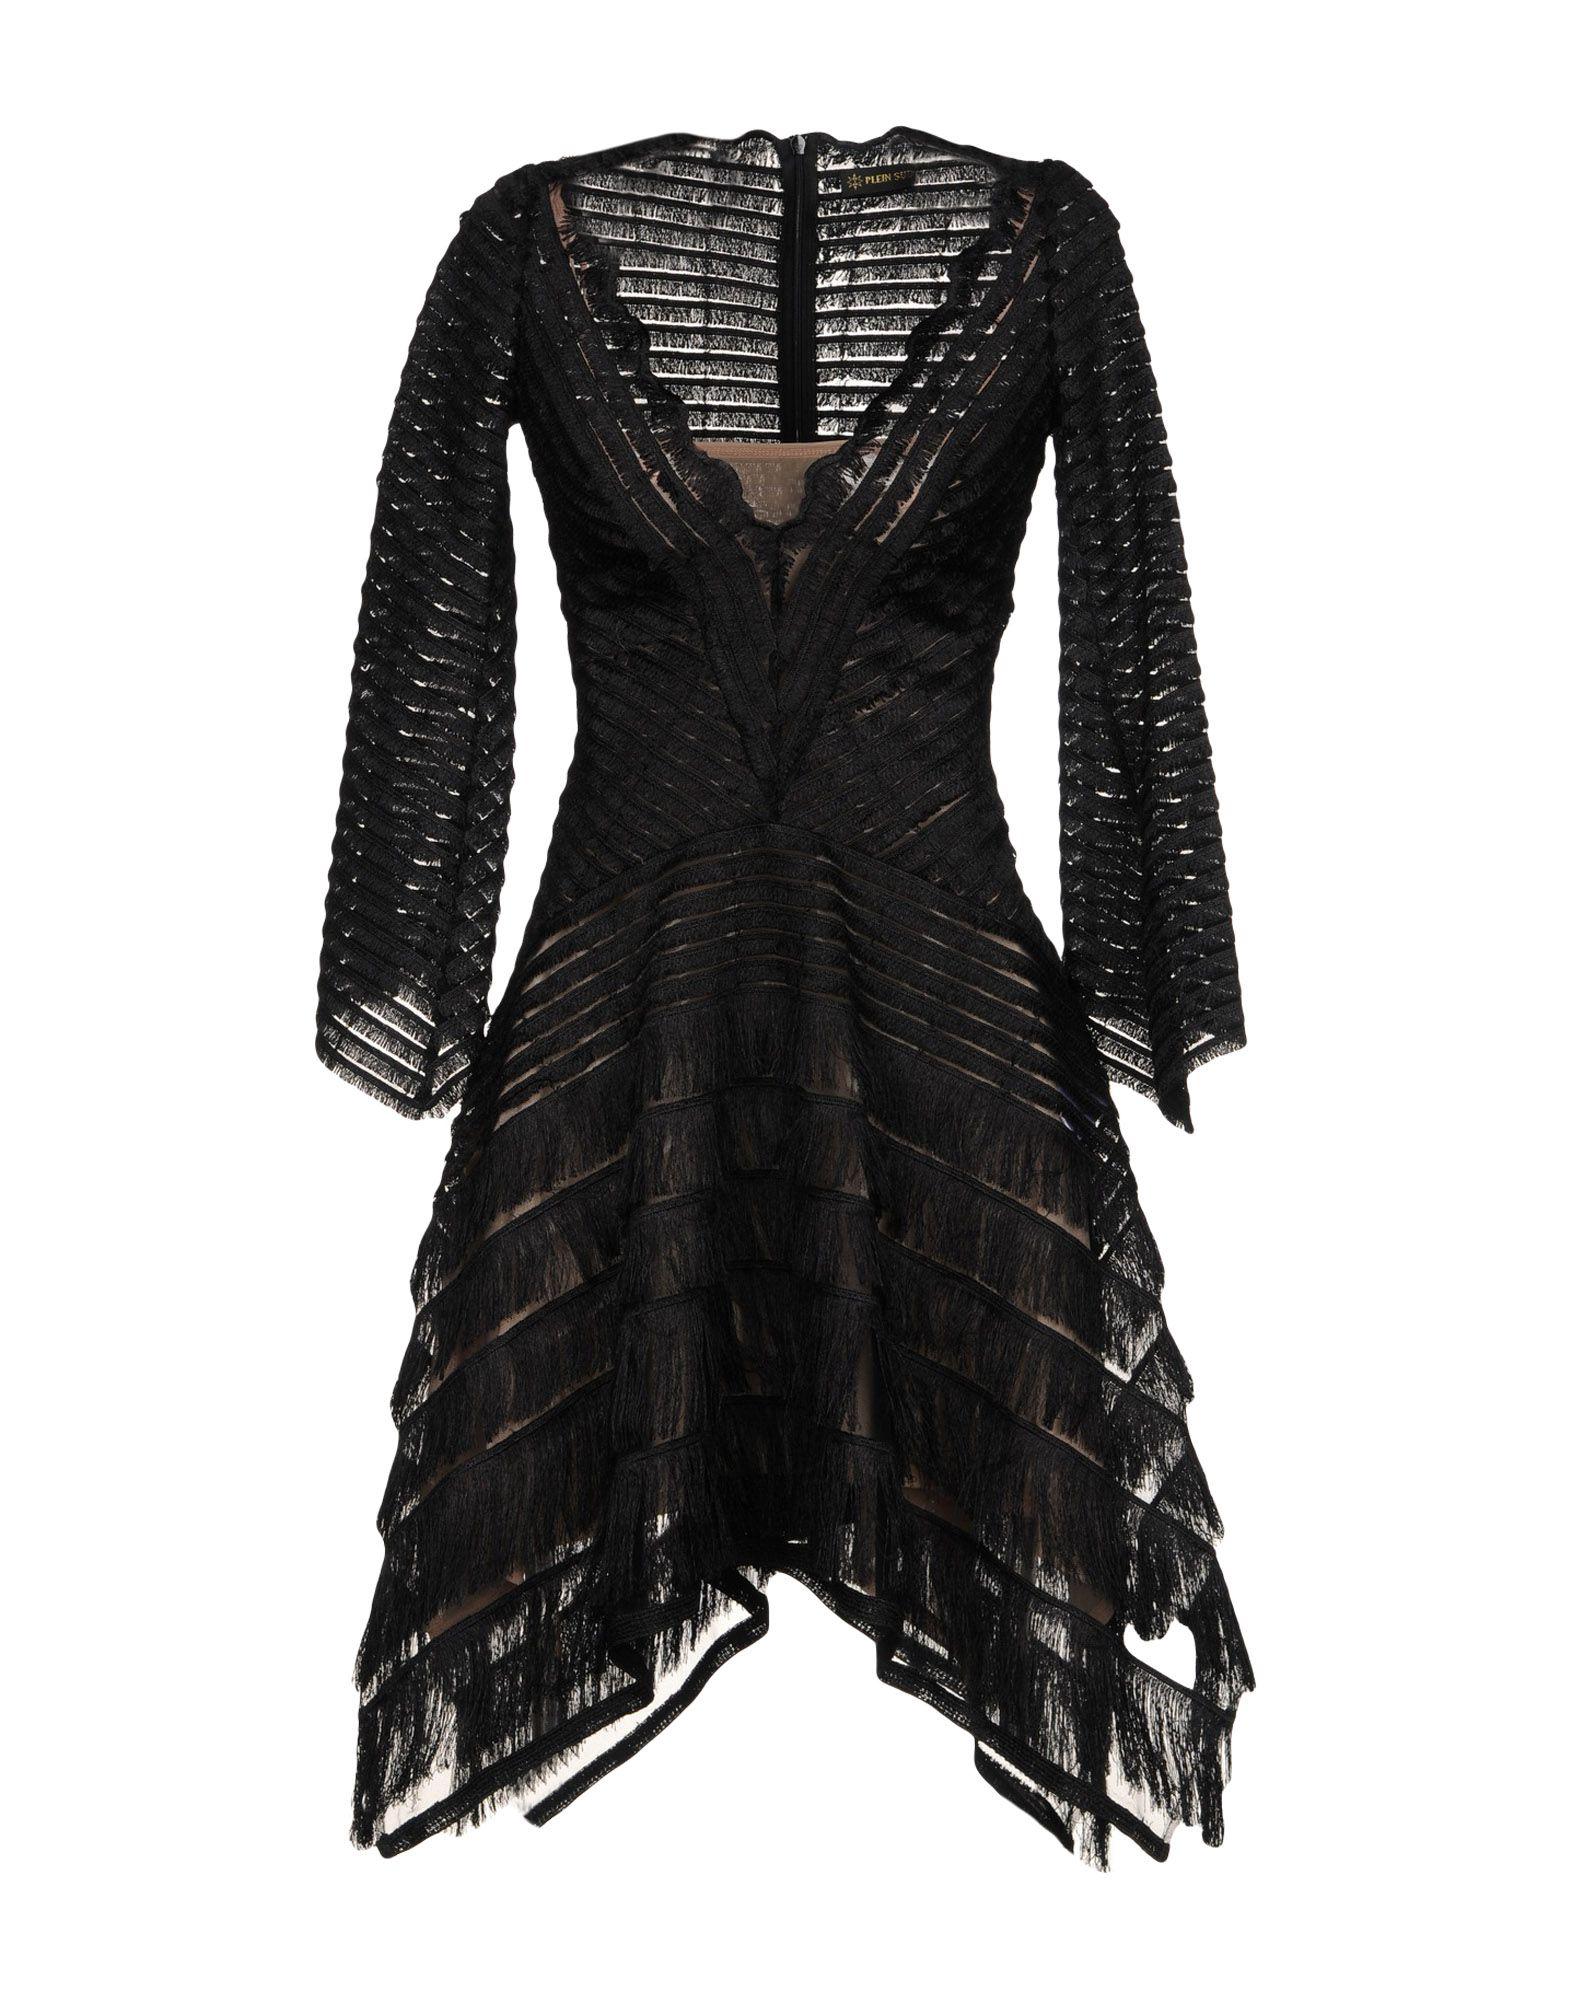 Vestito Corto Plein Sud Donna - Acquista online su BMQYXQxQcQ